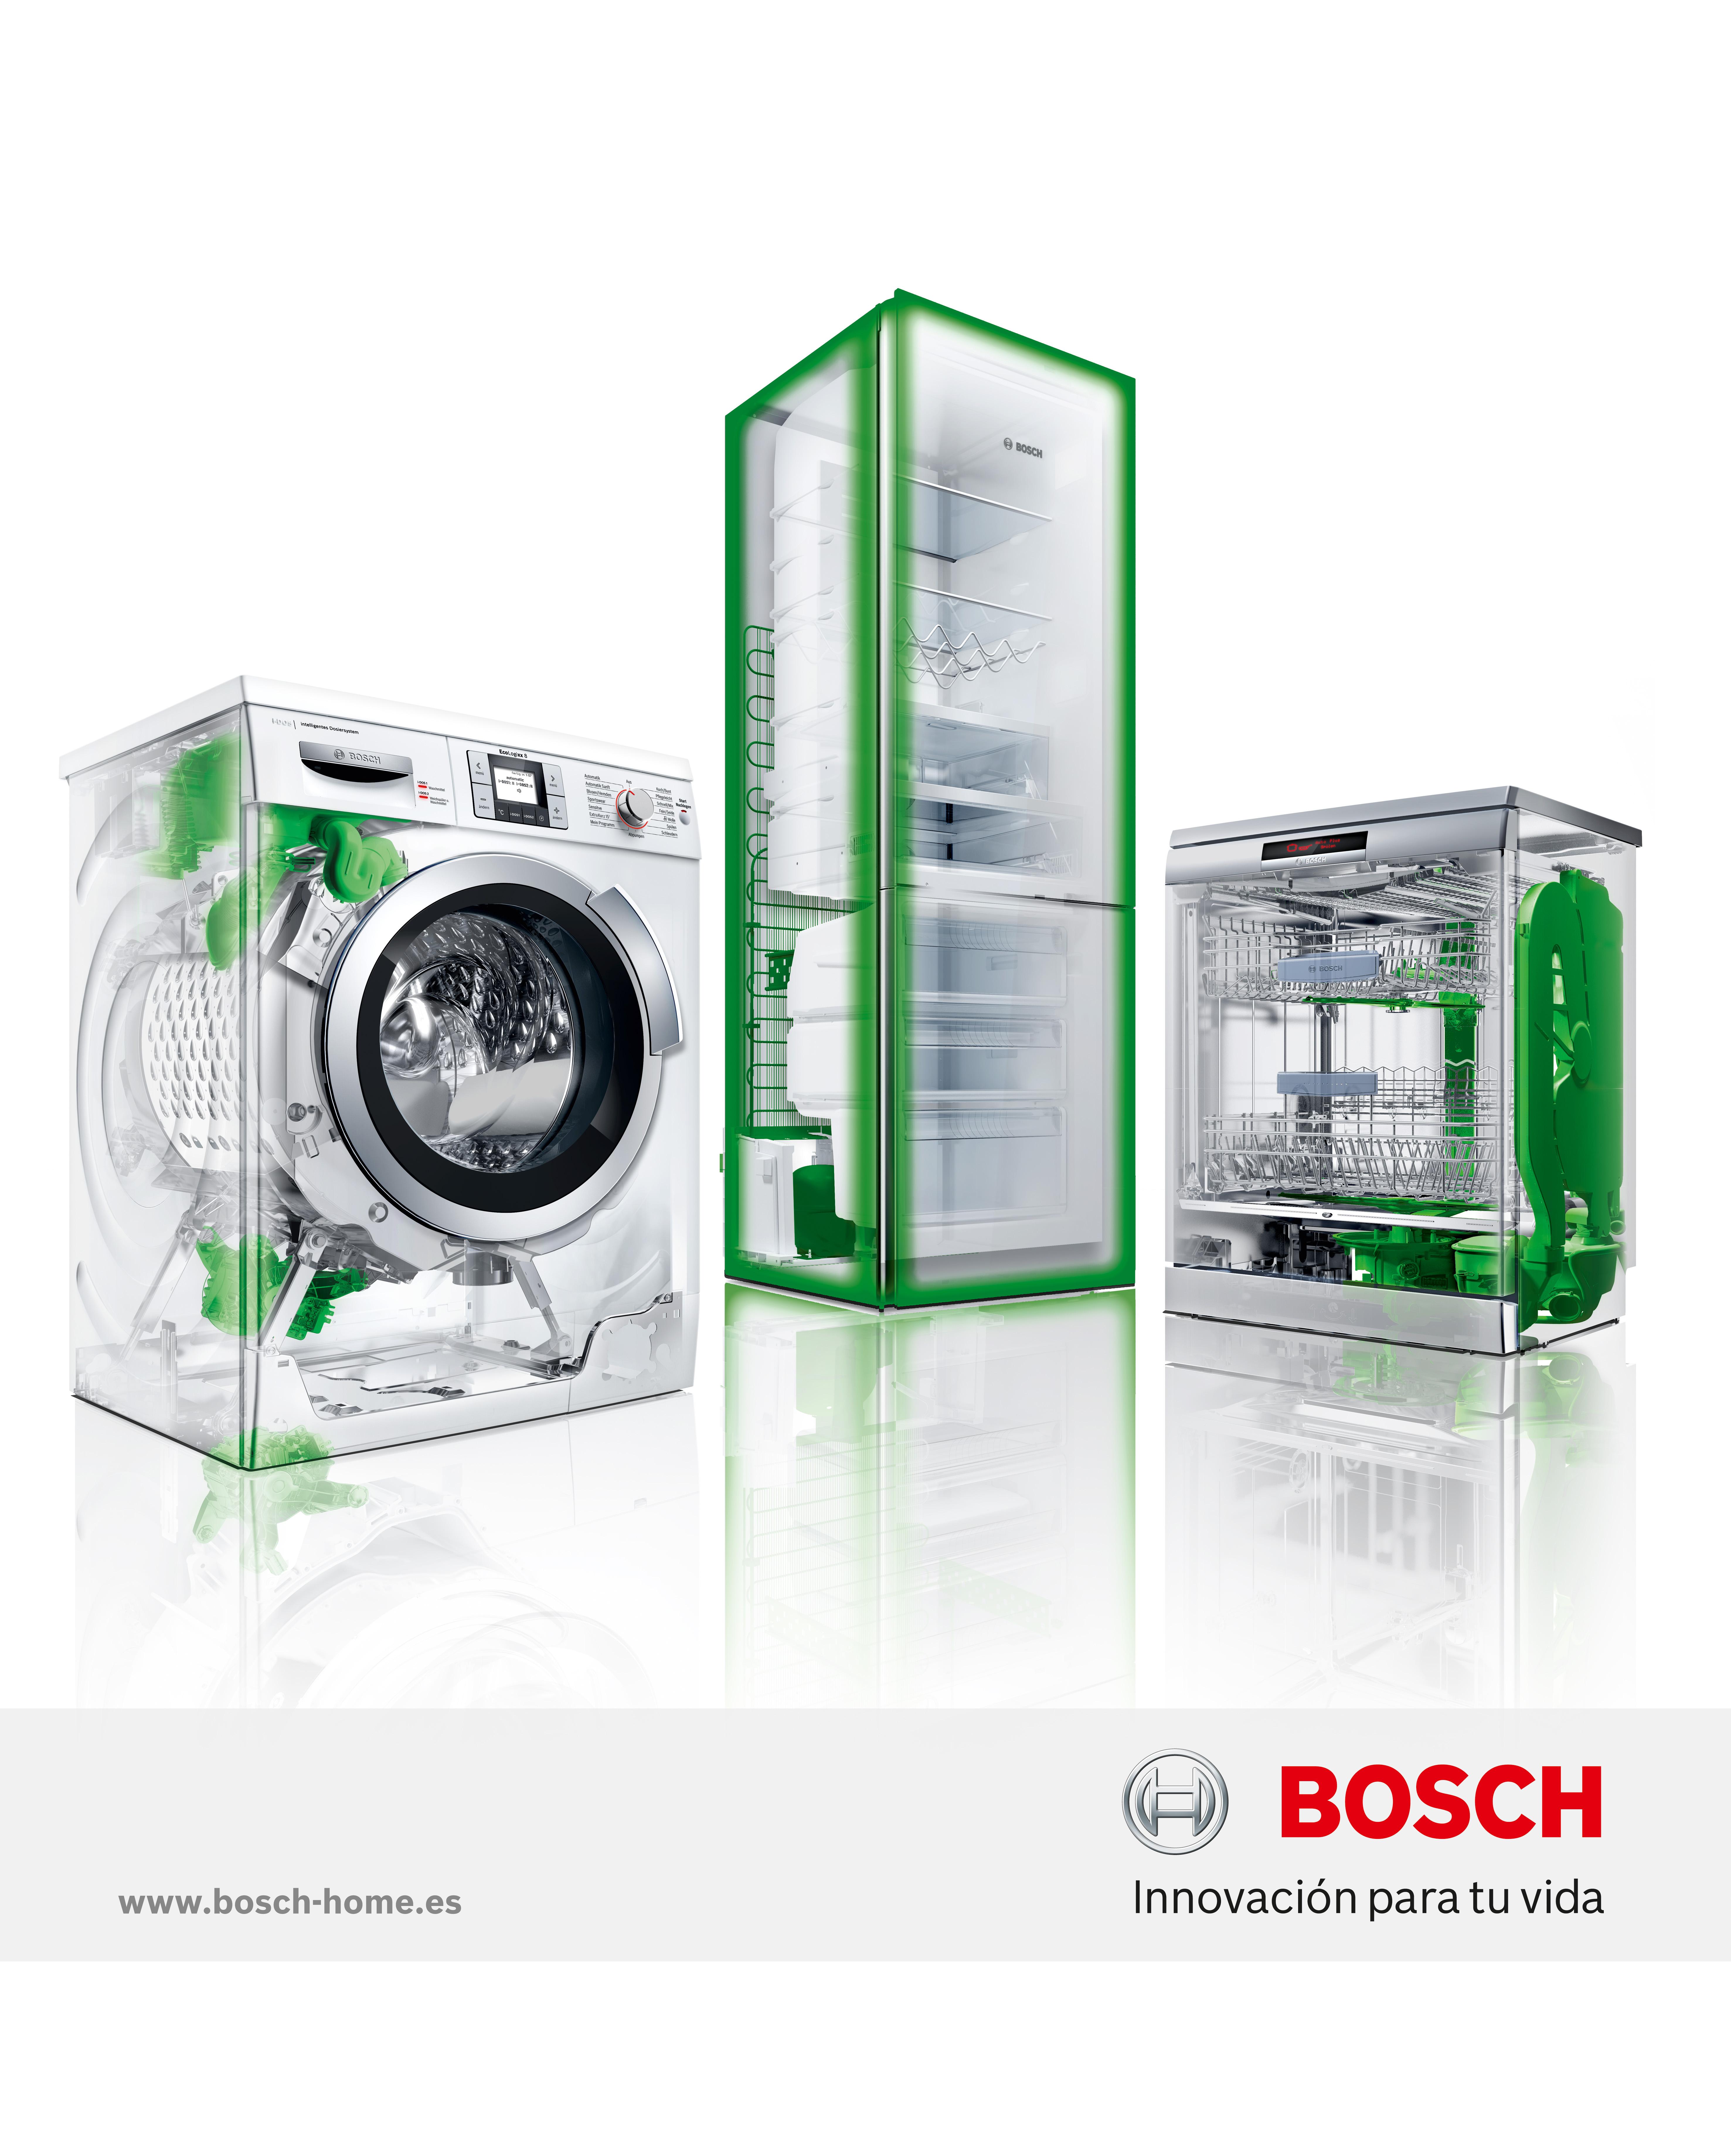 Lavadora frigor fico y lavavajillas eficientes de bosch for Mueble para lavadora y lavavajillas